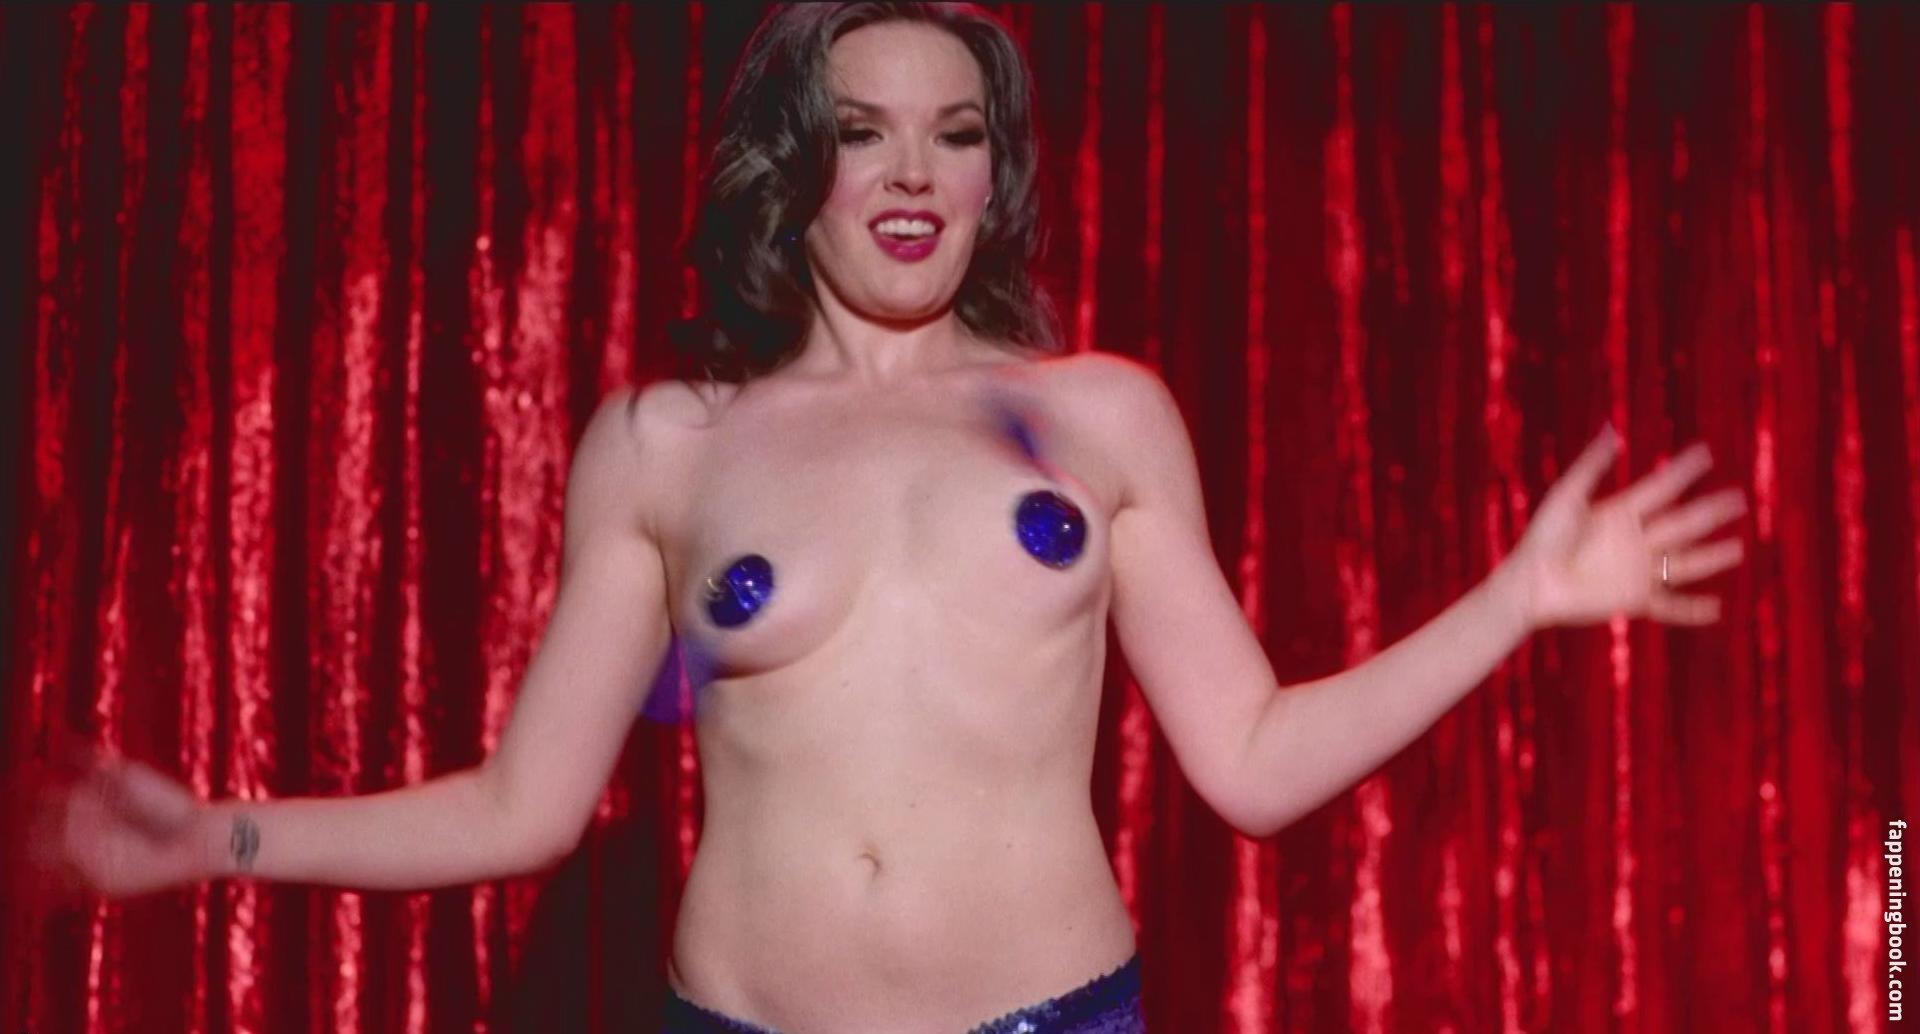 April Showers Nude